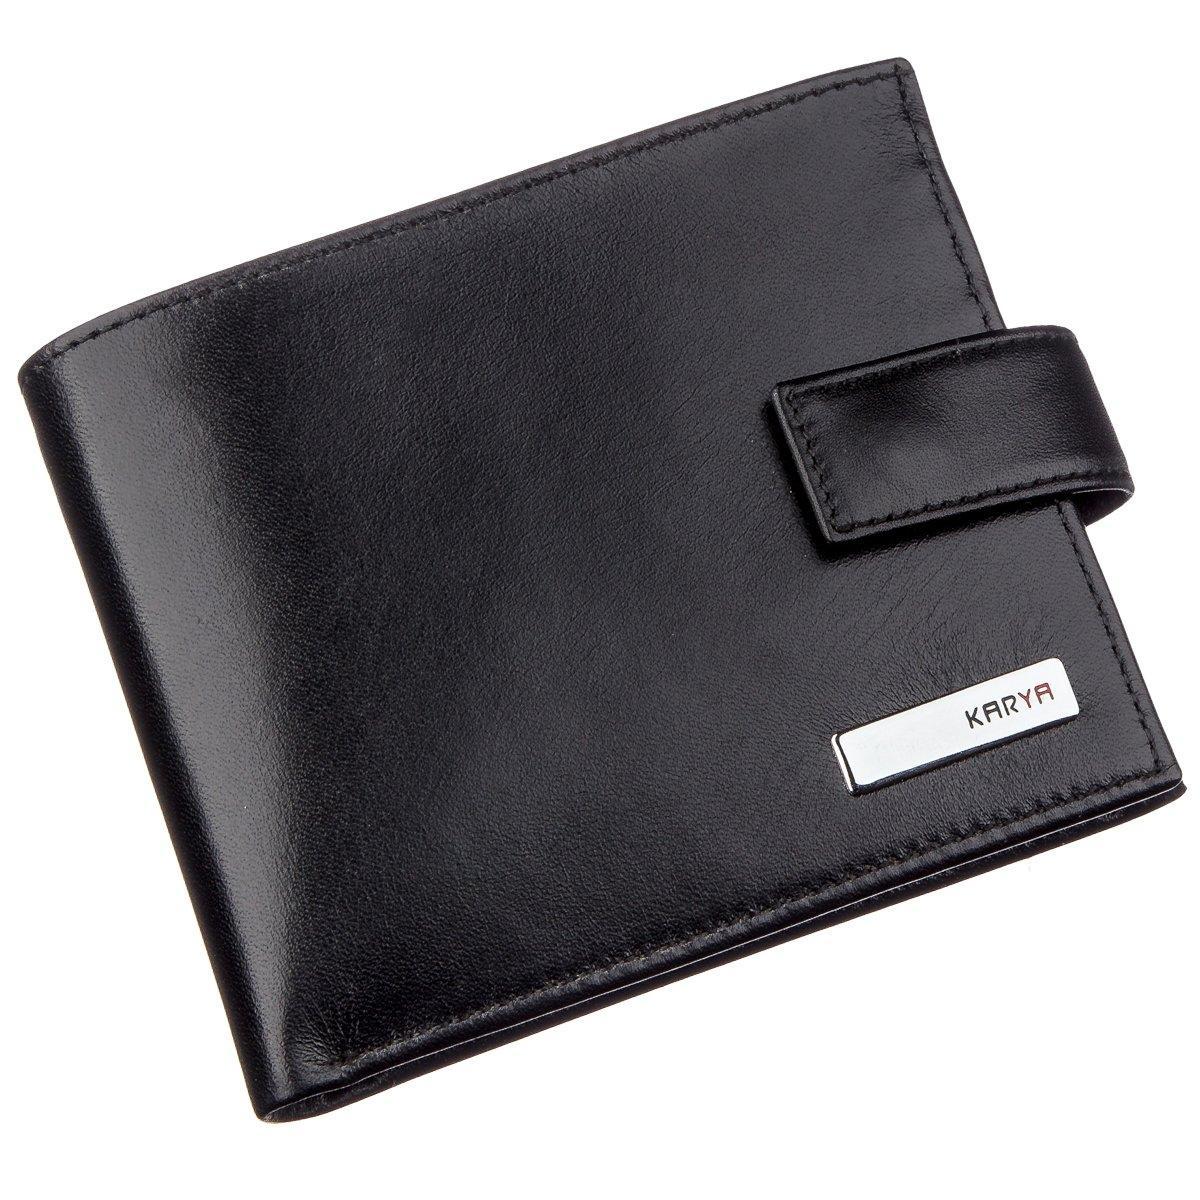 Мужское портмоне в гладкой коже с хлястиком KARYA 17375 Черное